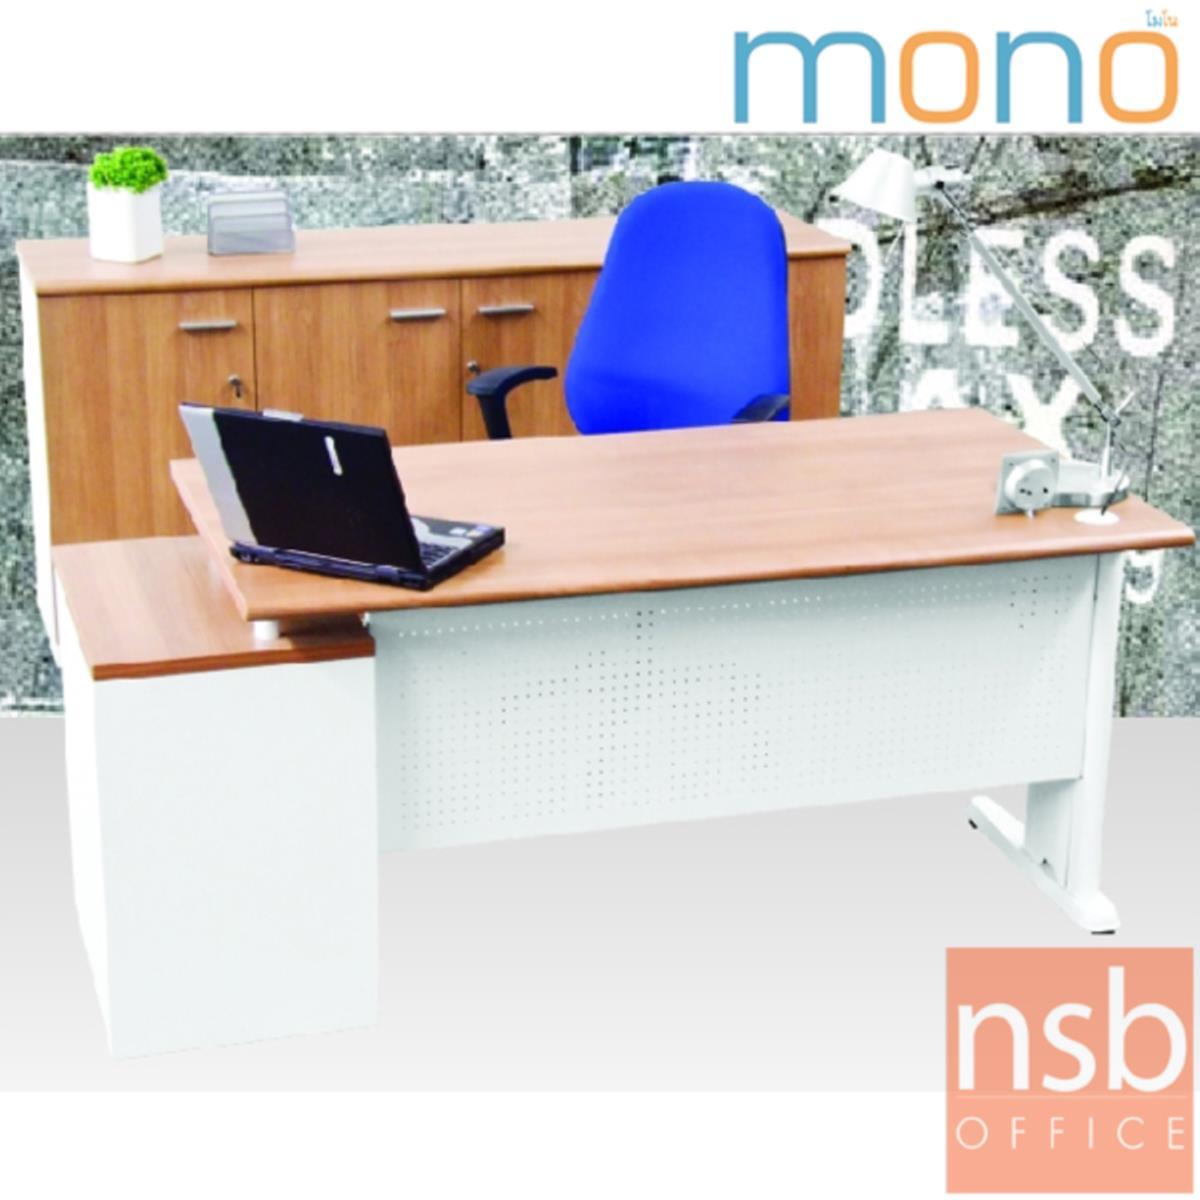 โต๊ะทำงาน 3 ลิ้นชัก ขนาด 170W*75H cm. บังโป๊เหล็ก รุ่น MN-WS170  ขาเหล็ก